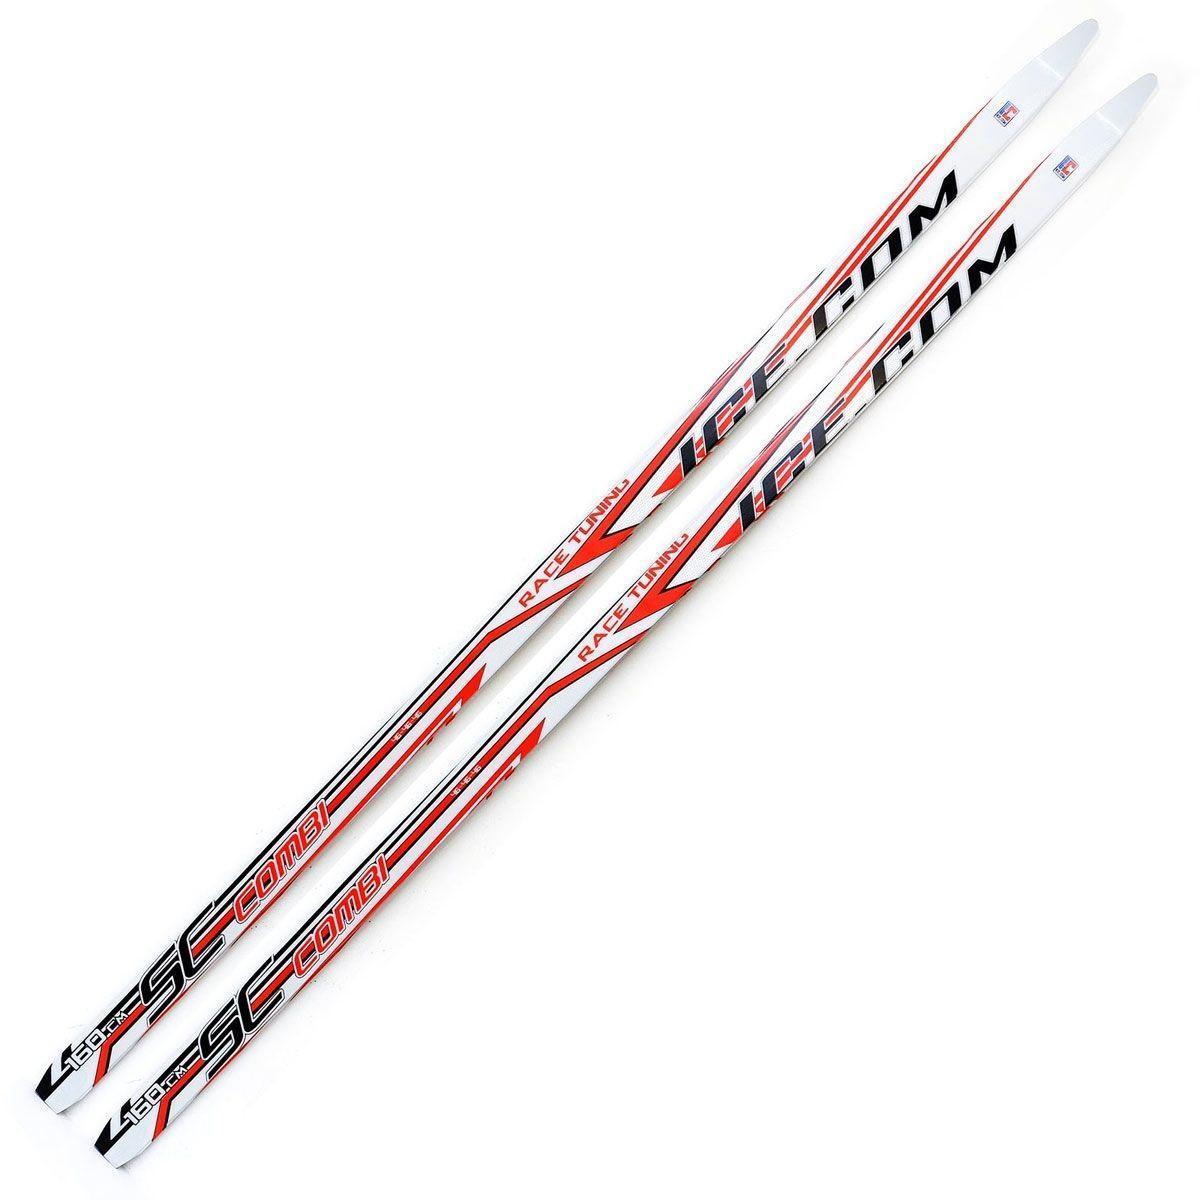 Беговые лыжи Ice.com Combi 2015 , цвет: красный, рост 150 см28262979Лыжи Ice.com Combi (без насечкой) предназначены для активного катания и прогулок по лыжне как классическим стилем, так и коньковым (свободным) ходом. Особенности:Технология CAP - высокотехнологичный ABS пластик;Скользящая поверхность из экструдированного полиэстера;Облегченный деревянный клин c воздушными каналами;